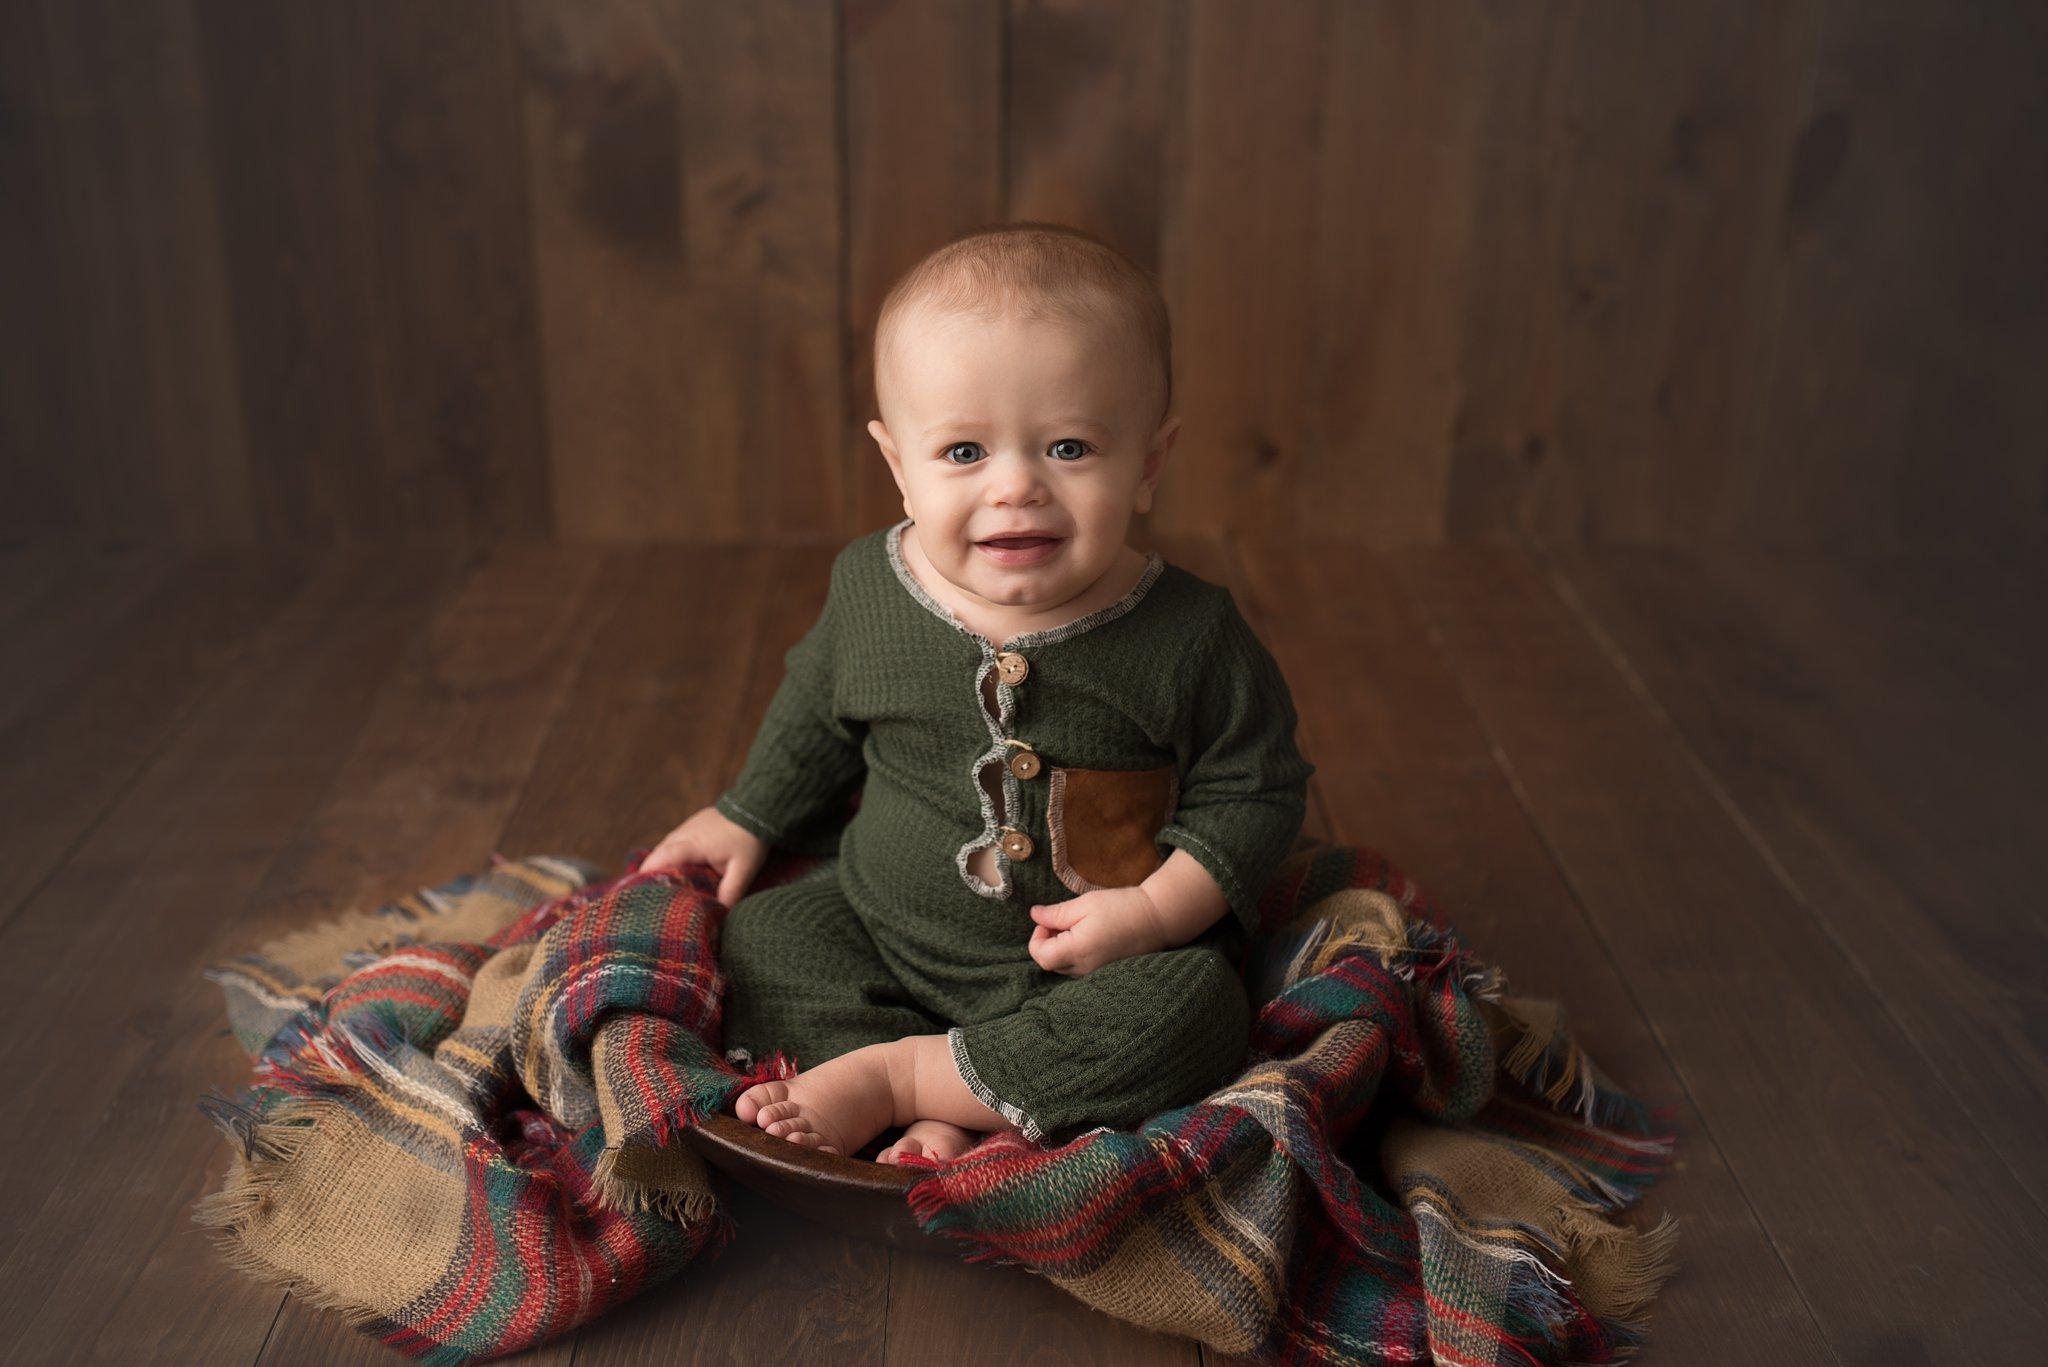 babyphotography-columbusohiophotographer_0055.jpg